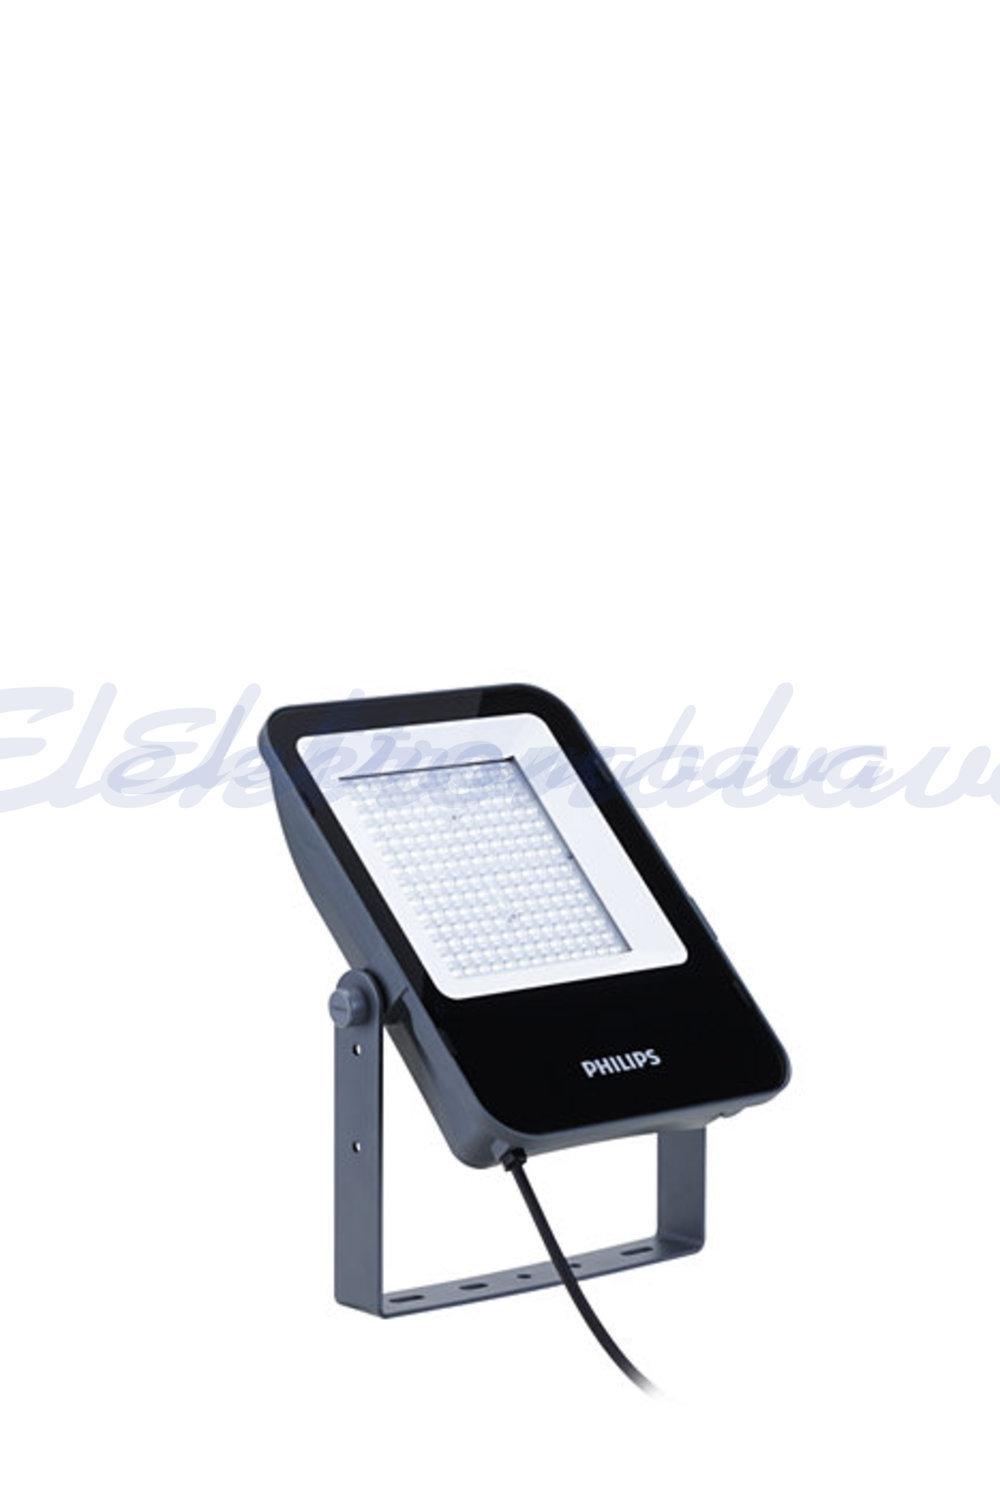 Slika izdelkaReflektor LEDINAIRE BVP155 LED100/840 PSU 100W AWB CE LED 100W 4000K 10000lm LED driver IP65 SI 220-240V A-A++